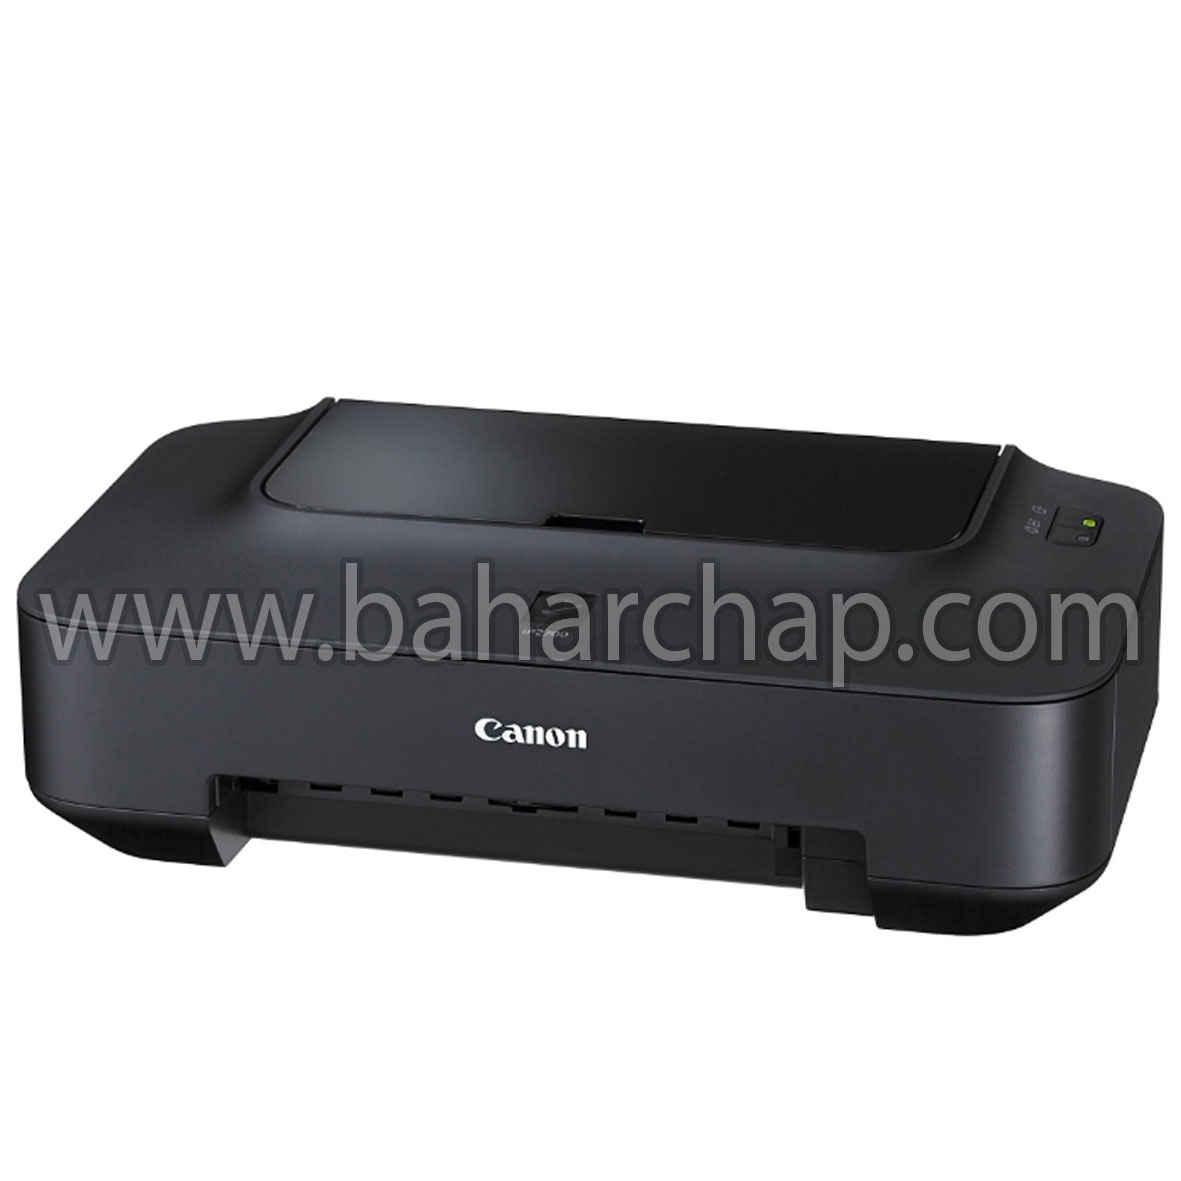 فروشگاه و خدمات اینترنتی بهارچاپ اصفهان-دانلود نرم افزار ریست پرینتر Canon IP2700-Reset canon by ST4905